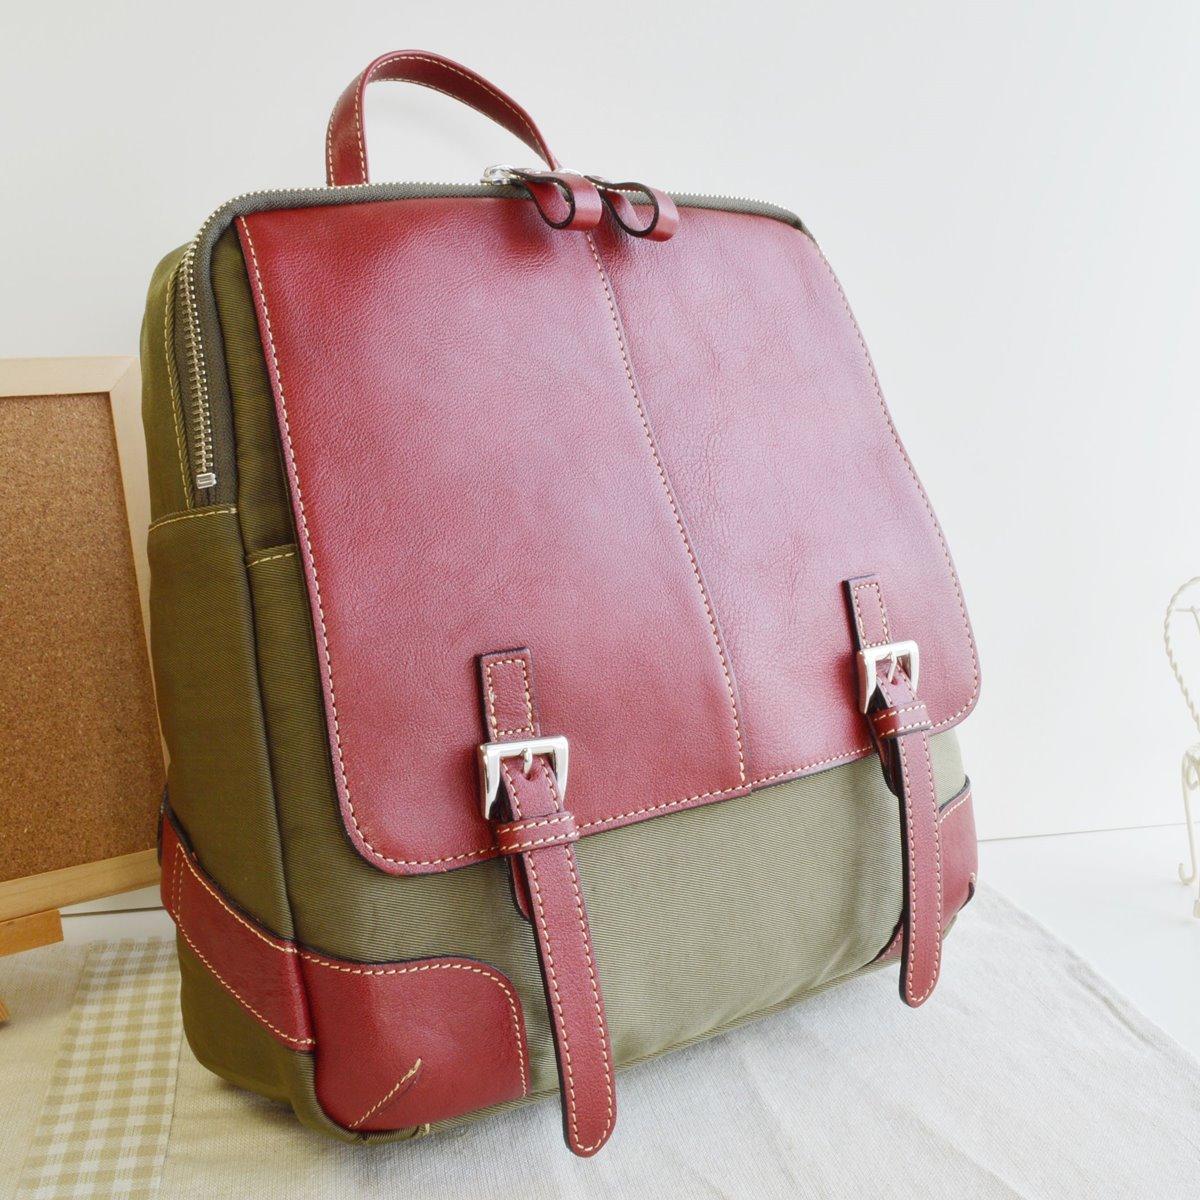 本革 リュック リュックサック カーキ レッド 牛革使用 日本製 No2533 人気 通勤 通学バッグ レディースバッグ (鞄 かばん バッグ)   B06Y1K26F9